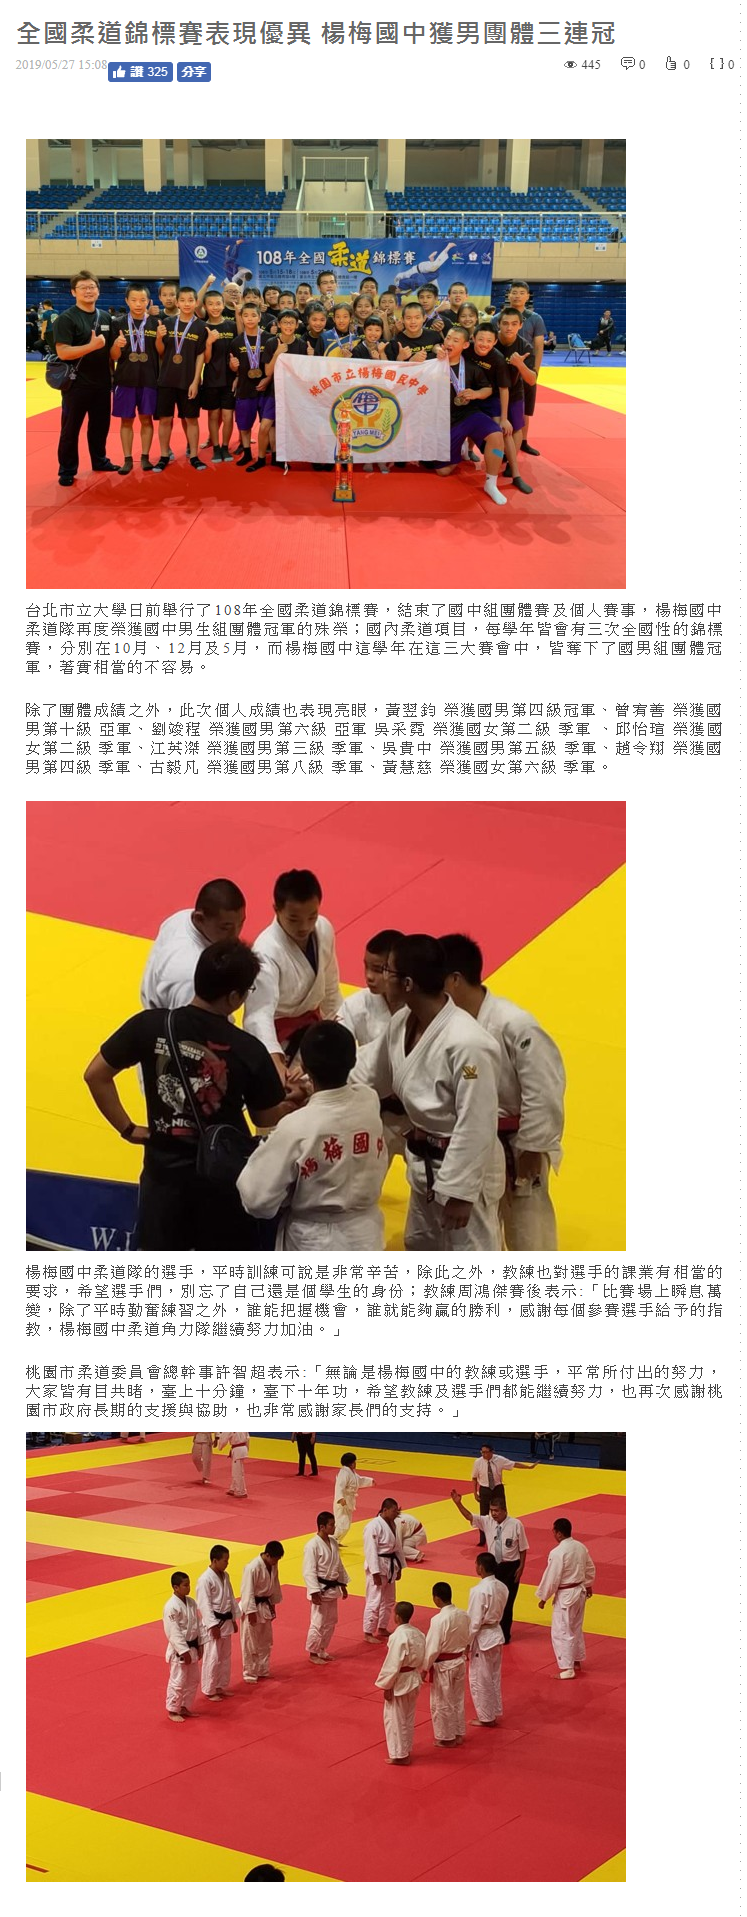 全國柔道錦標賽表現優異 楊梅國中獲男團體三連冠